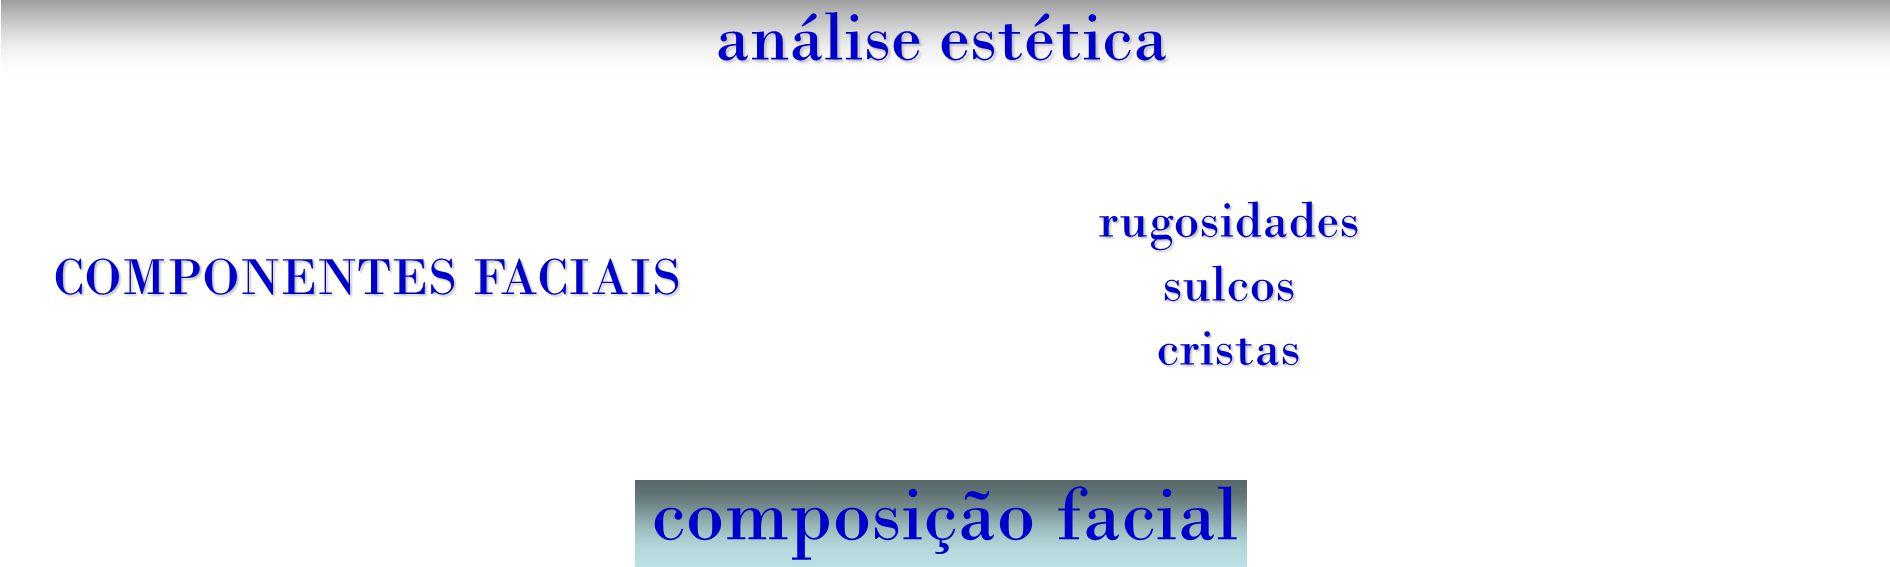 análise estética composição facial COMPONENTES FACIAIS rugosidadessulcoscristas